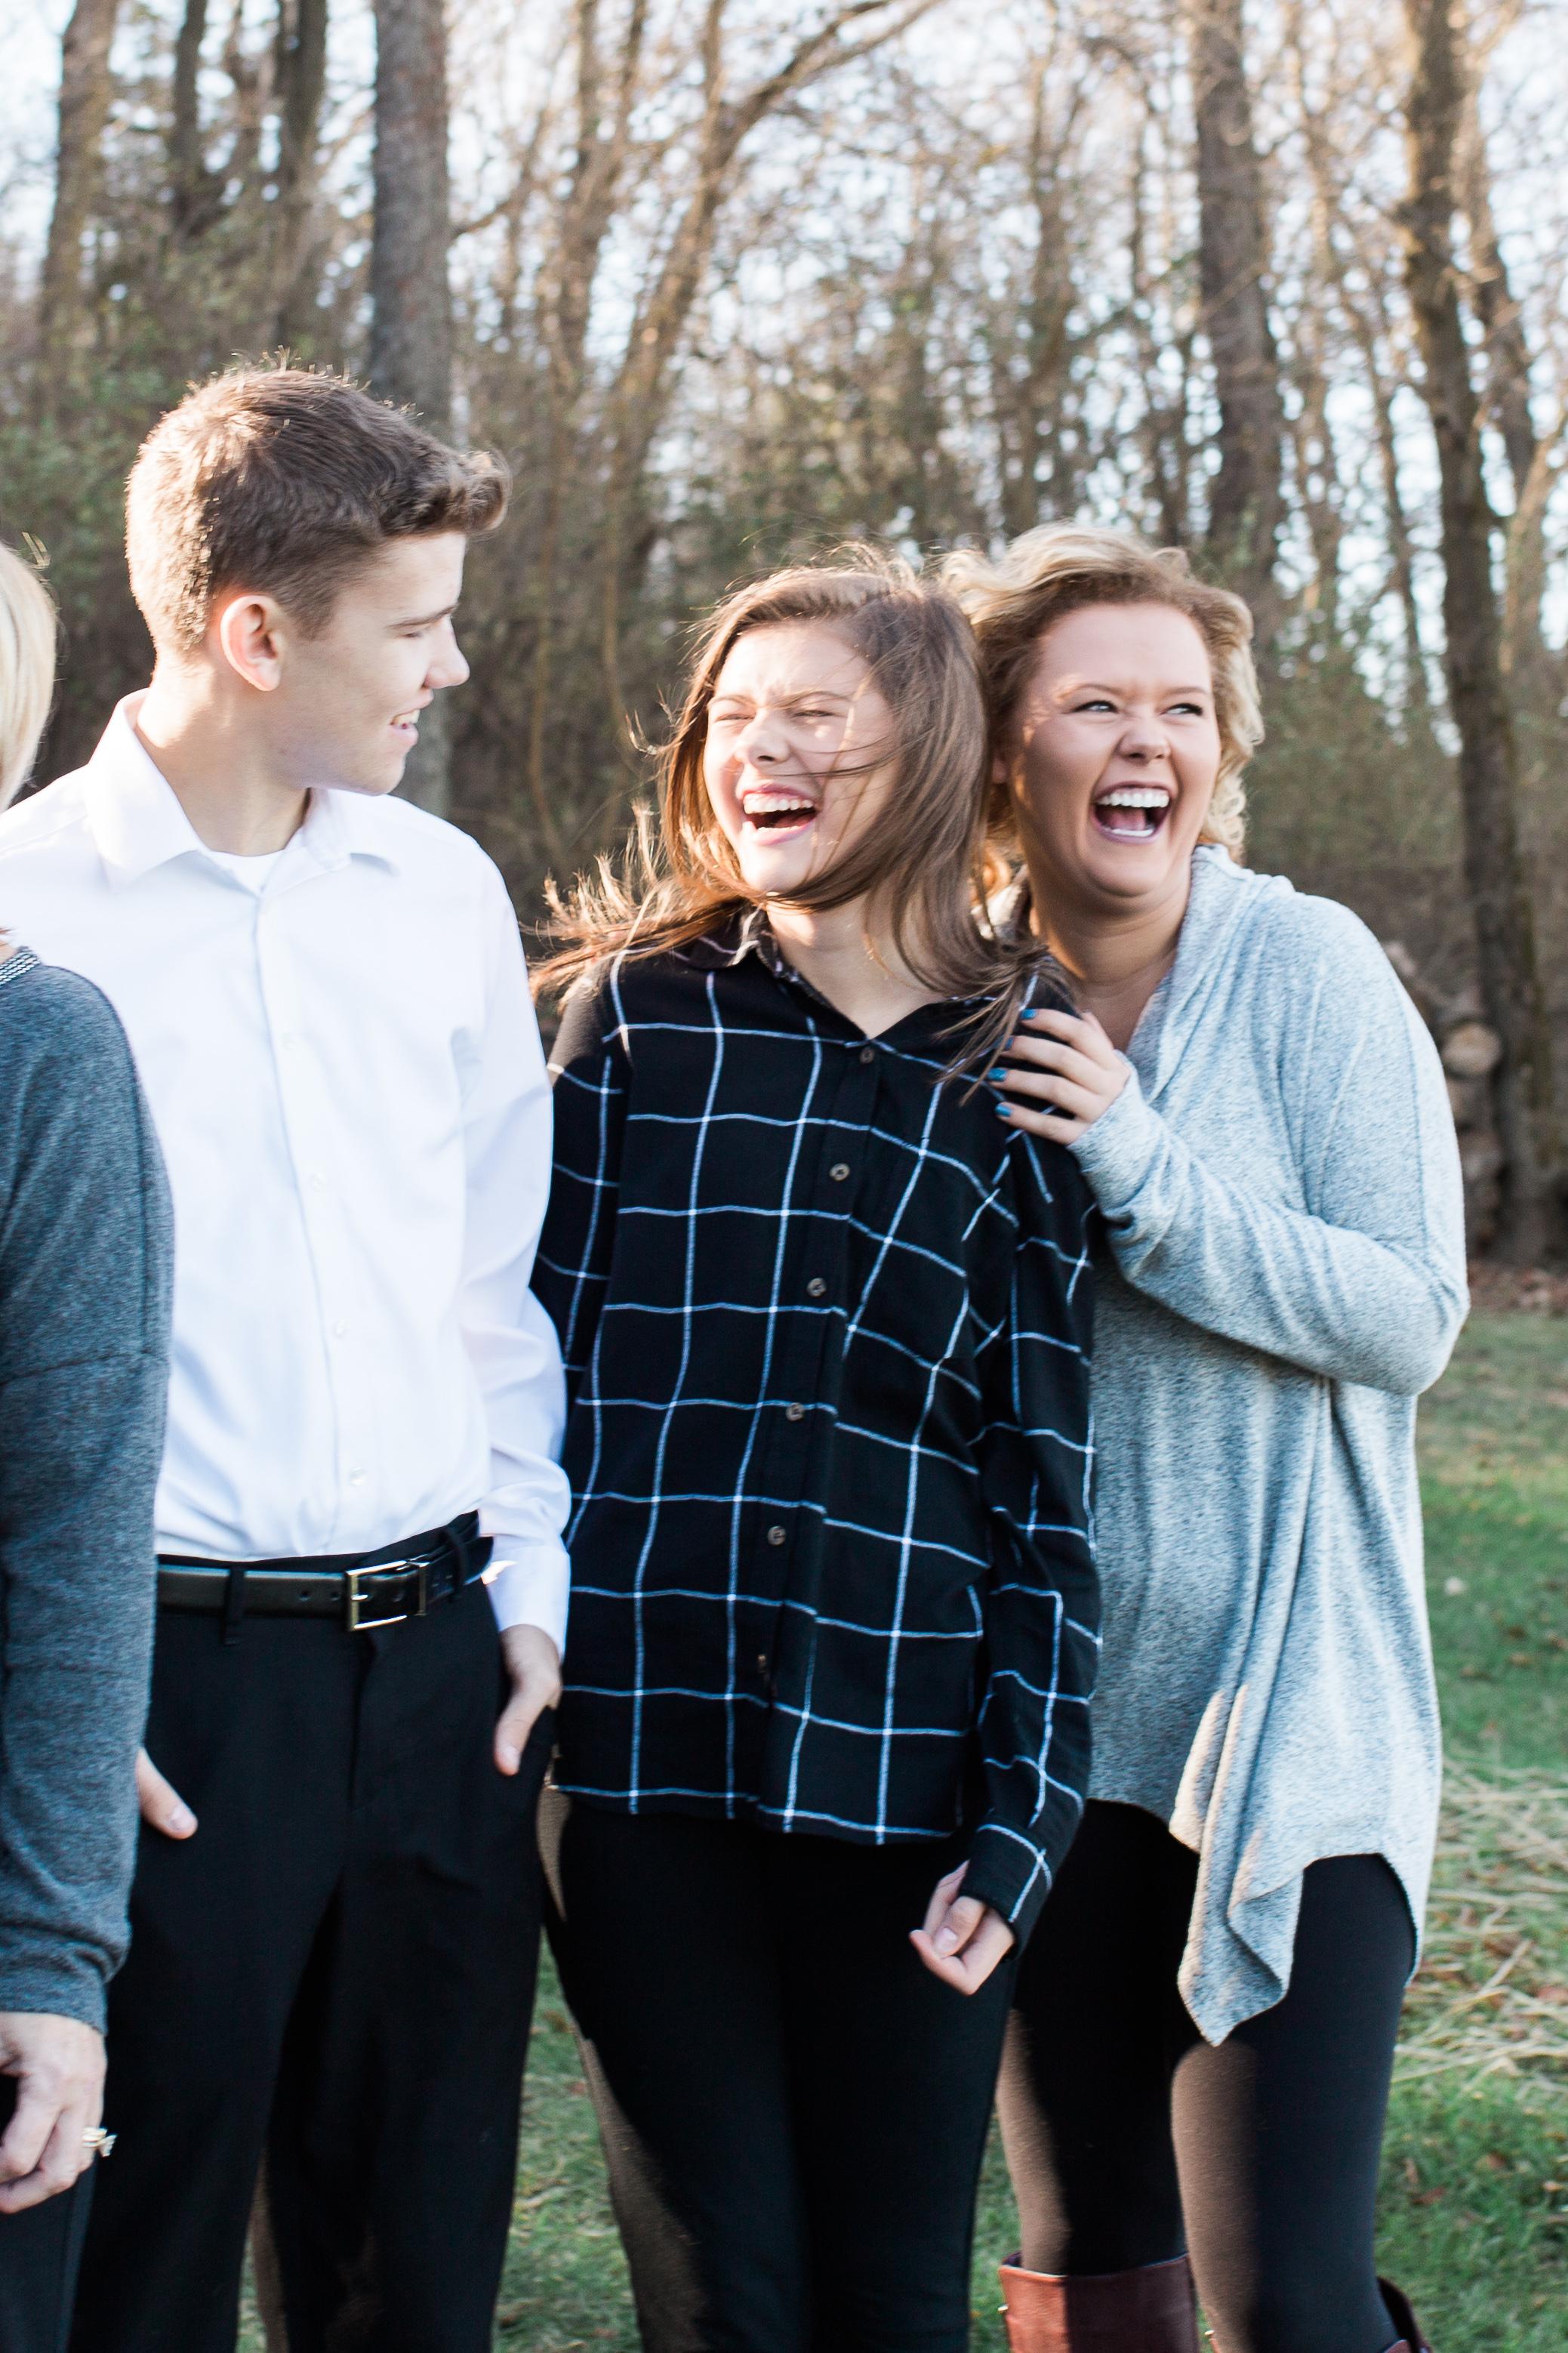 Manke Family Photos-108.jpg